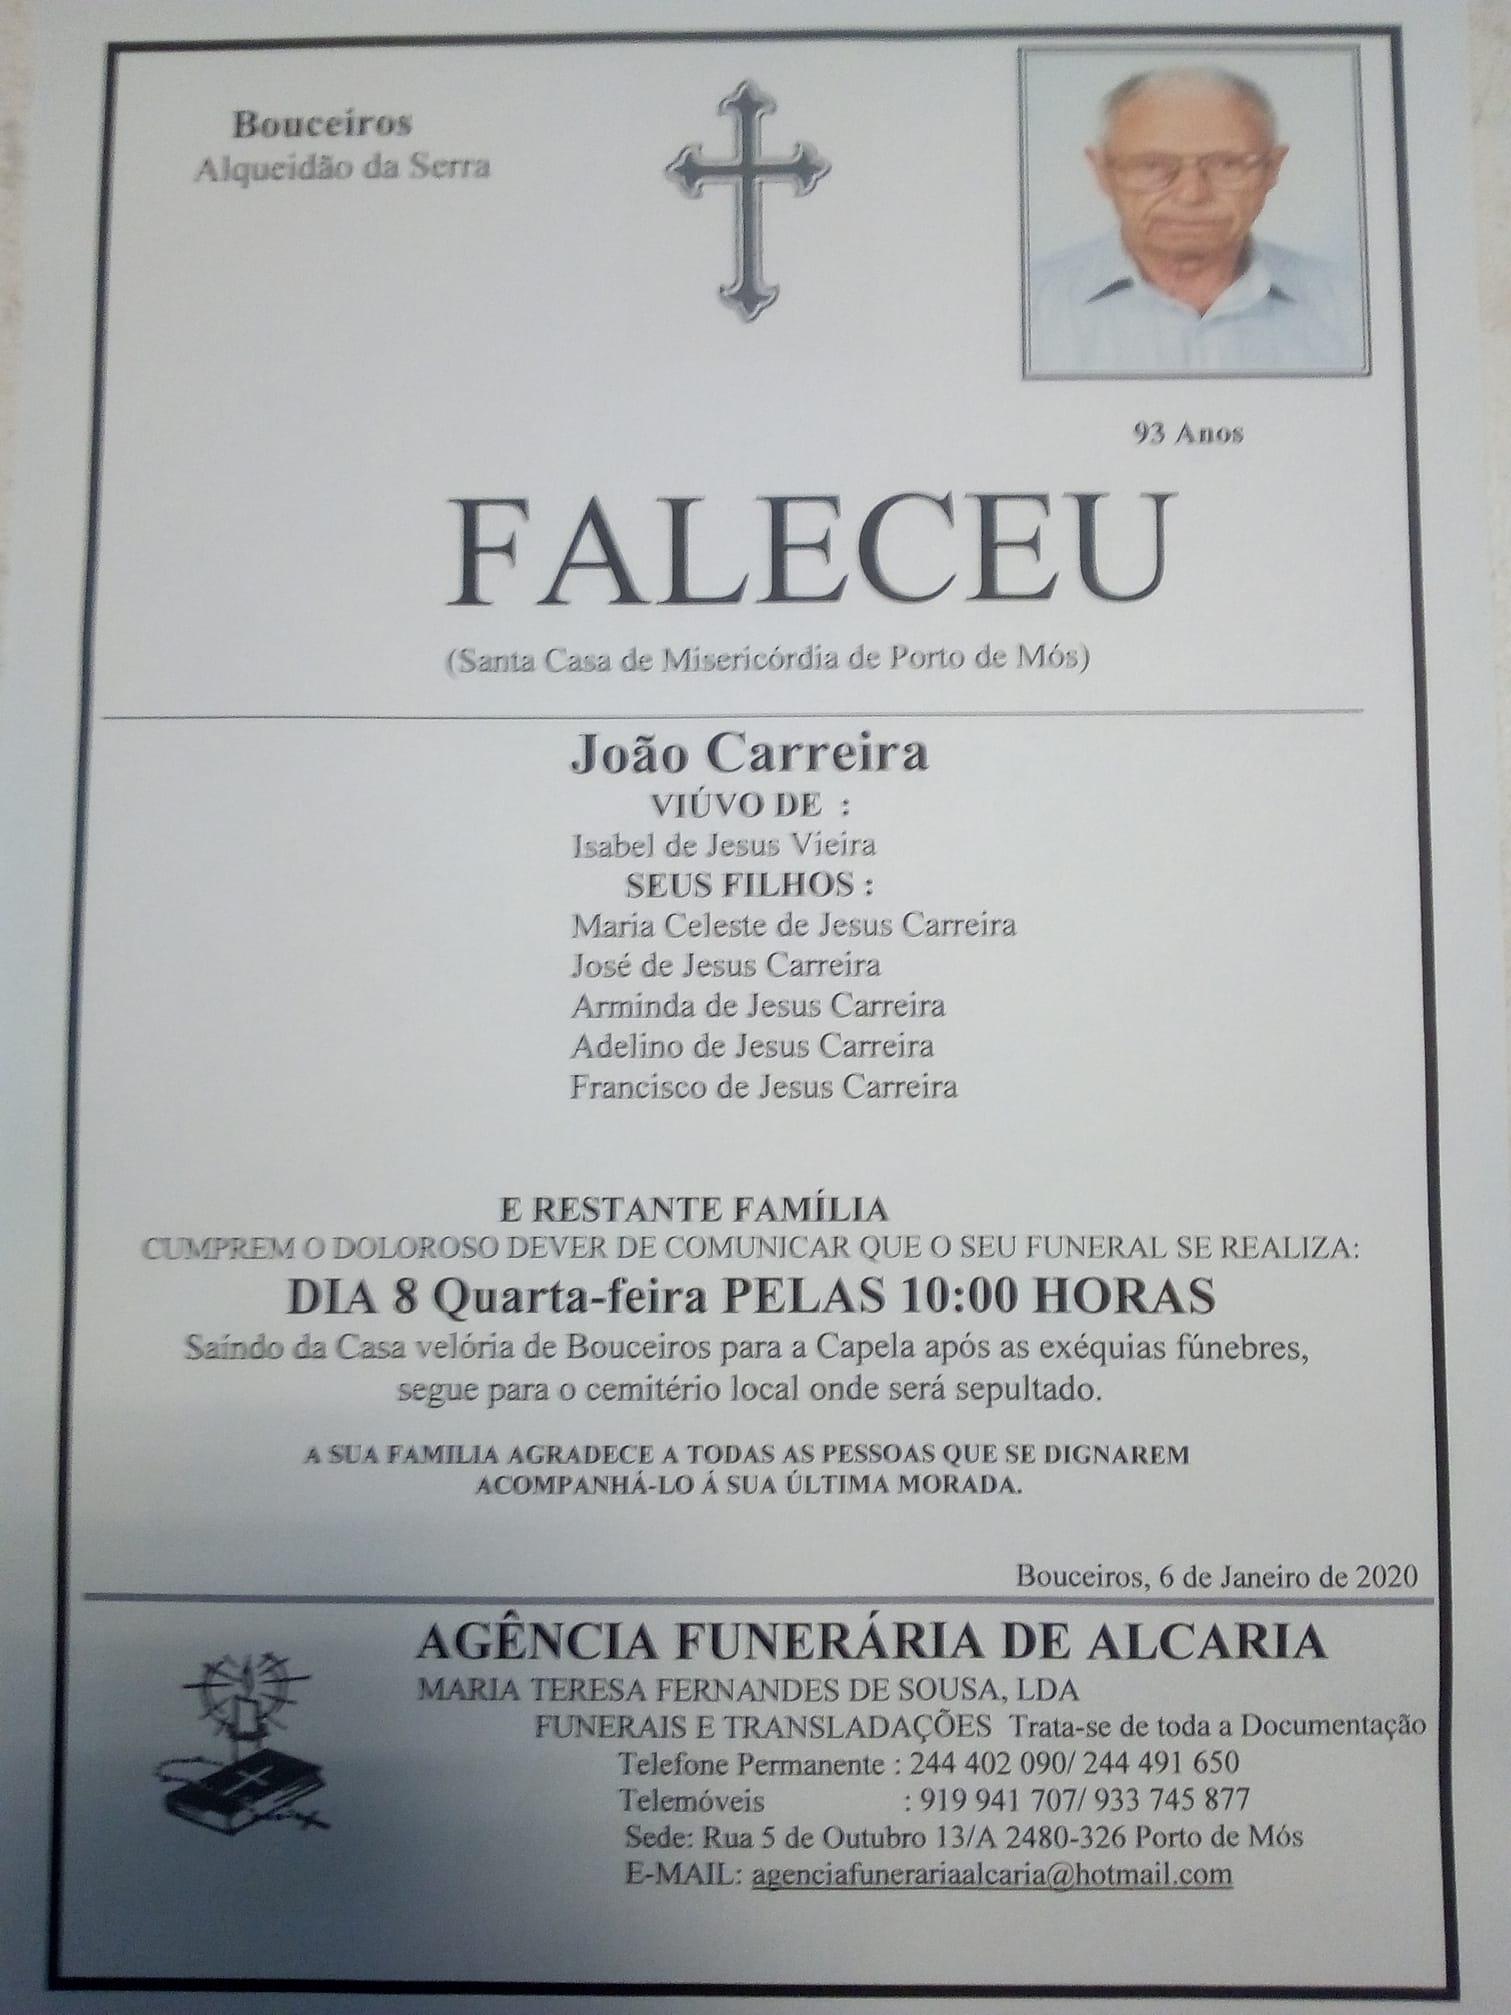 João Carreira 93 anos Viuvo de Isabel de Jesus Vieira